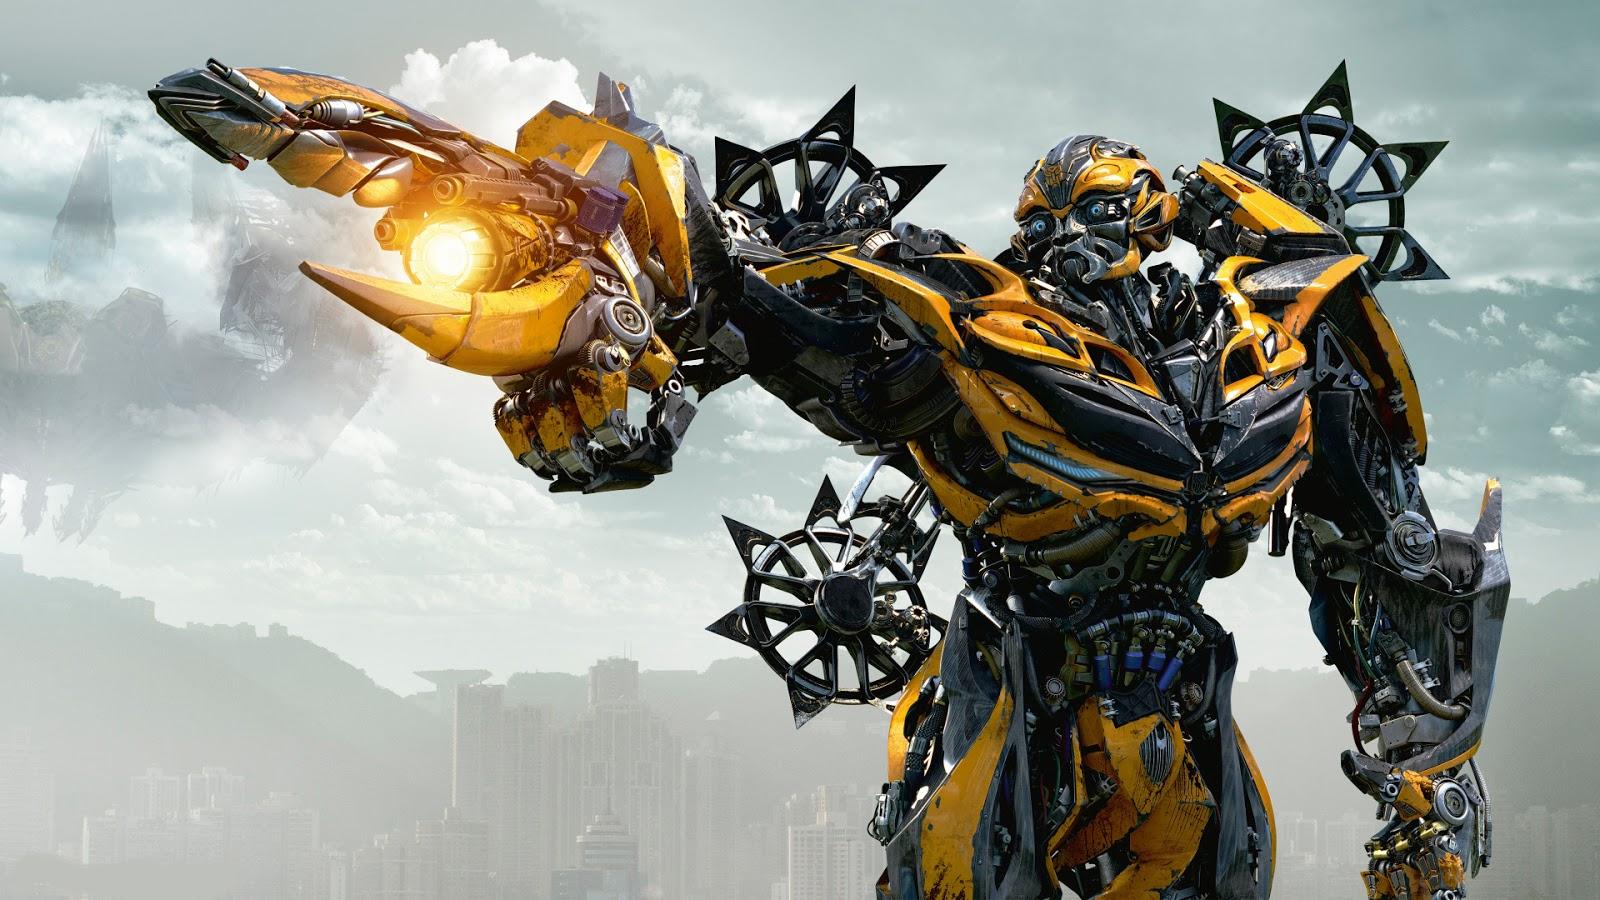 Transformers 5 | Vídeos dos bastidores mostra veículos, preparativo para batalha, maquinários & mais